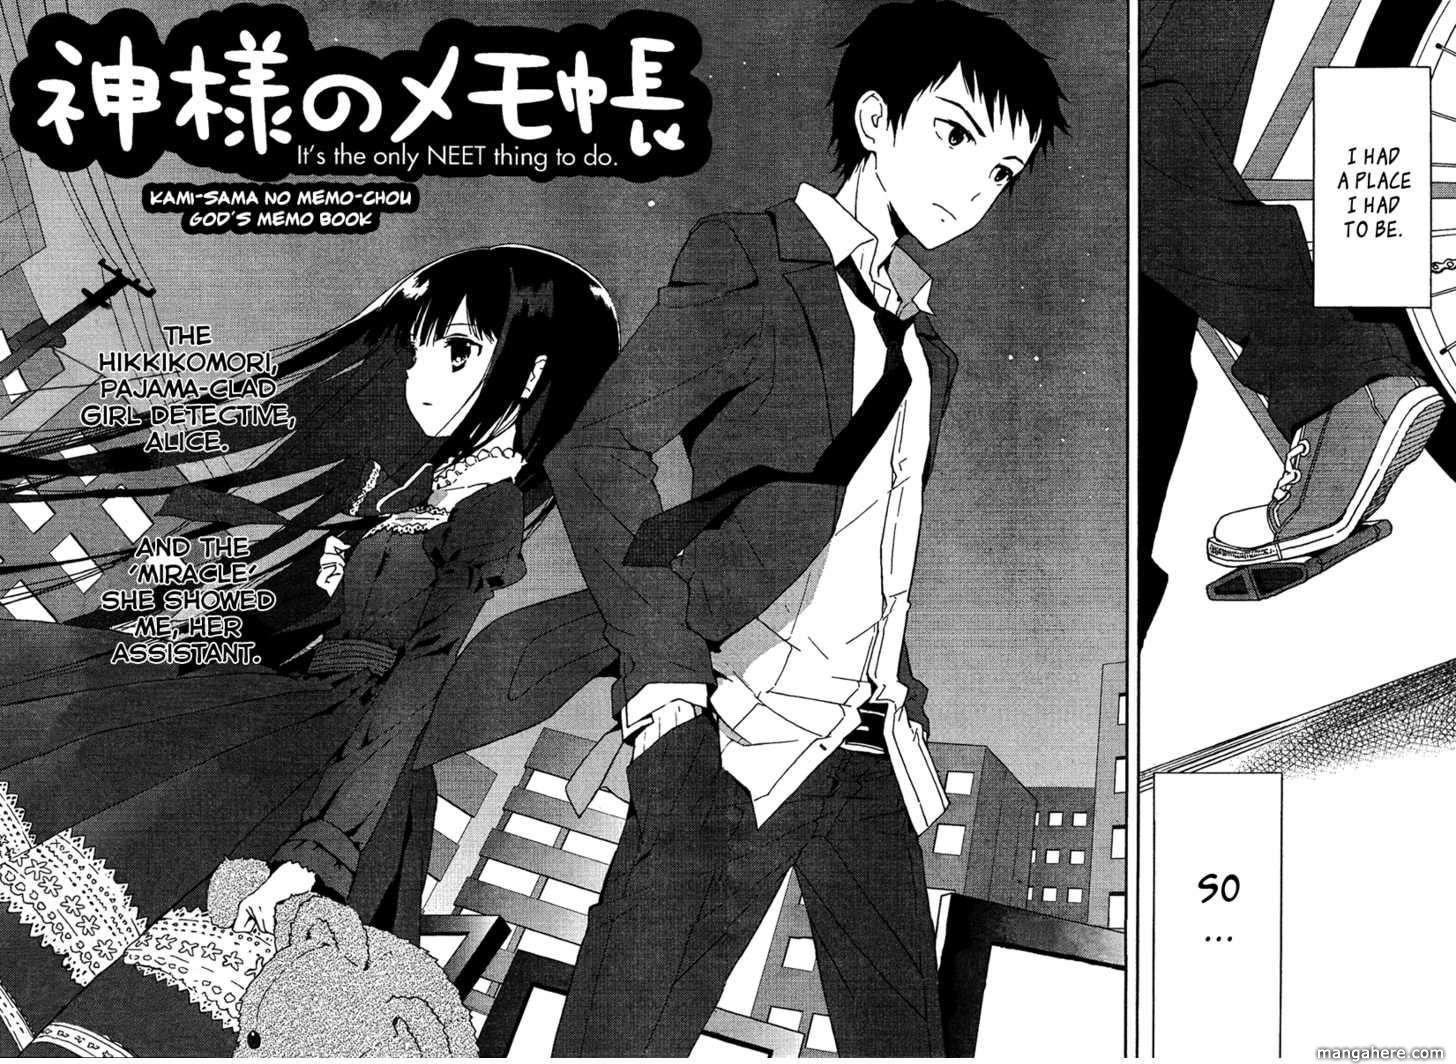 Kamisama no Memo-chou 1 Page 4